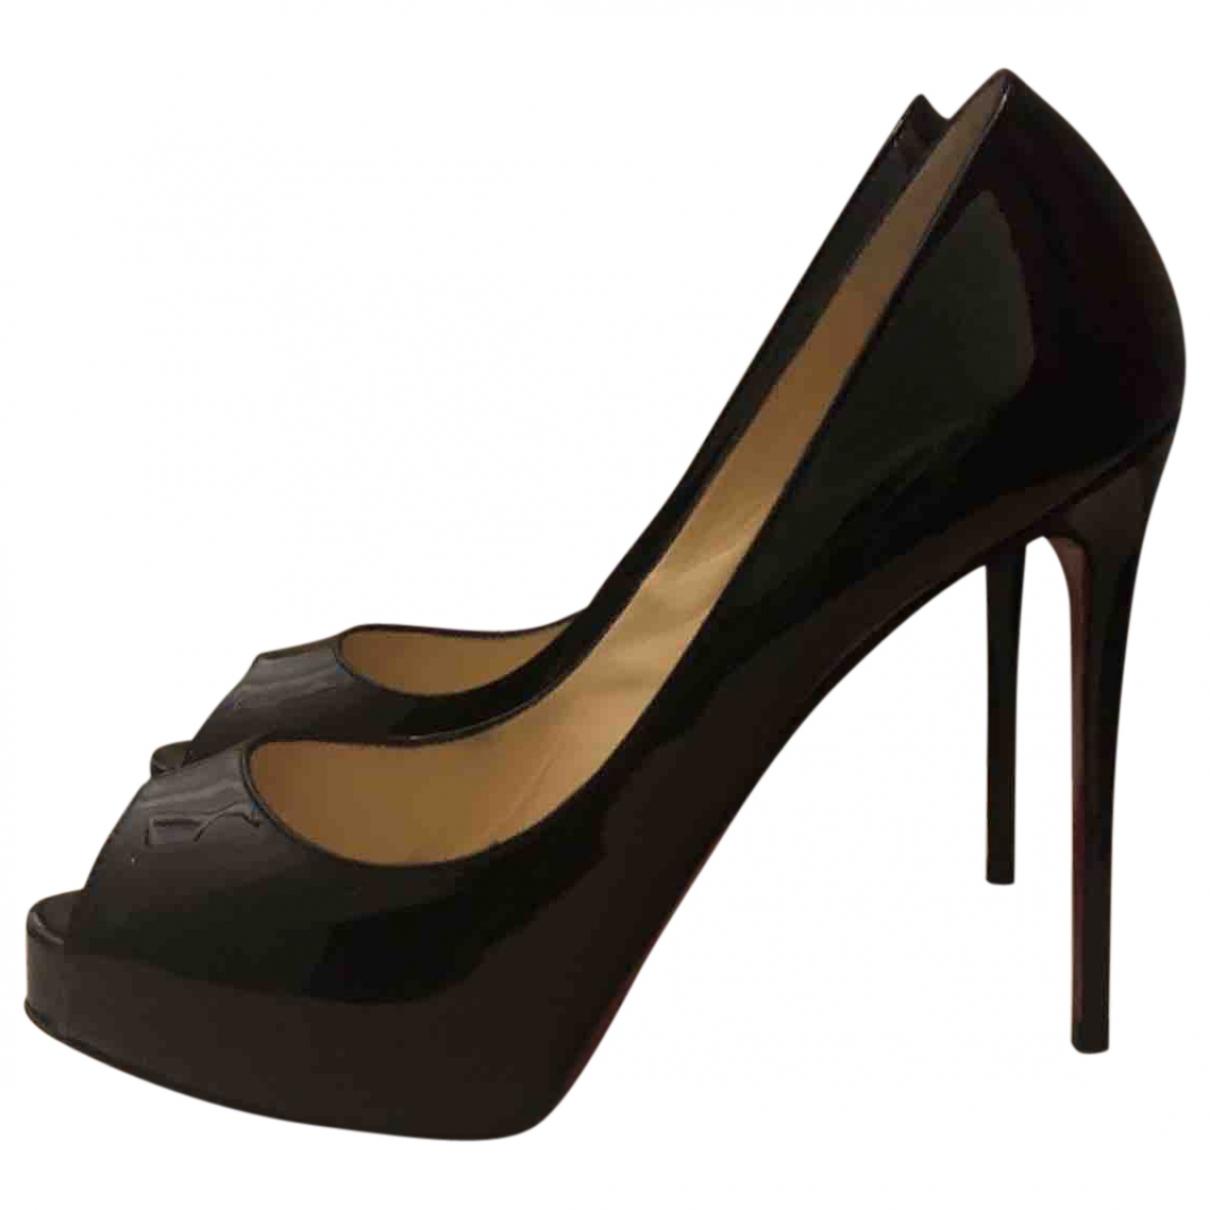 Christian Louboutin - Escarpins Very Prive pour femme en cuir verni - noir